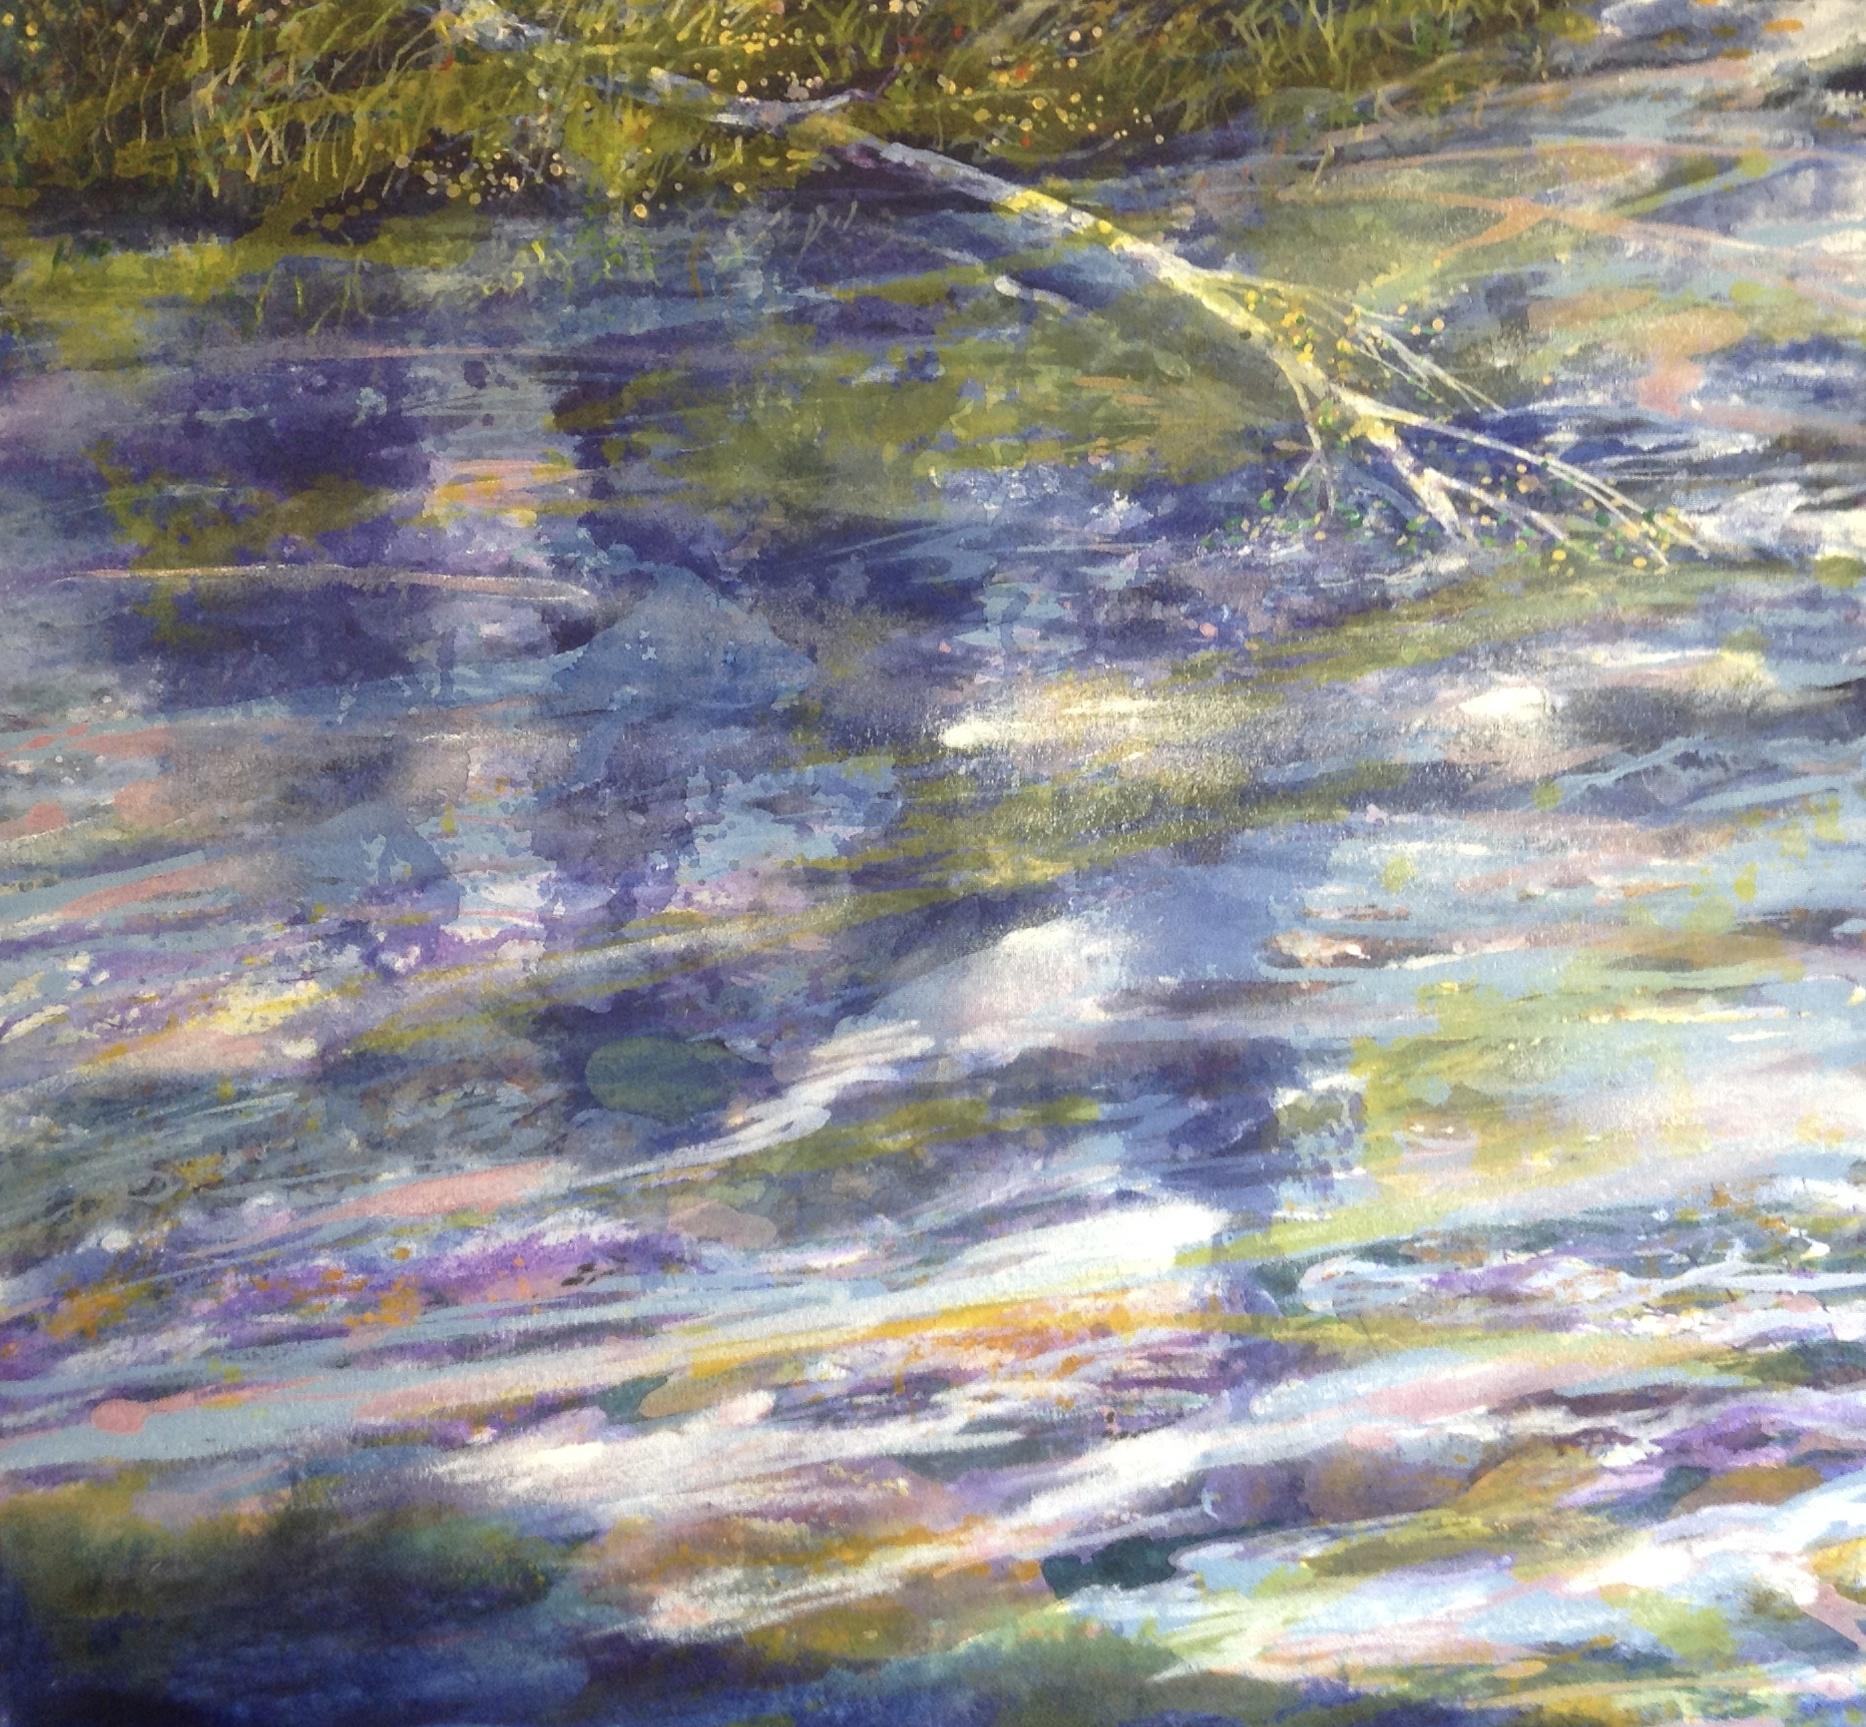 RITO ESPIRITO REFLECTION, 28X30, acrylic on canvas